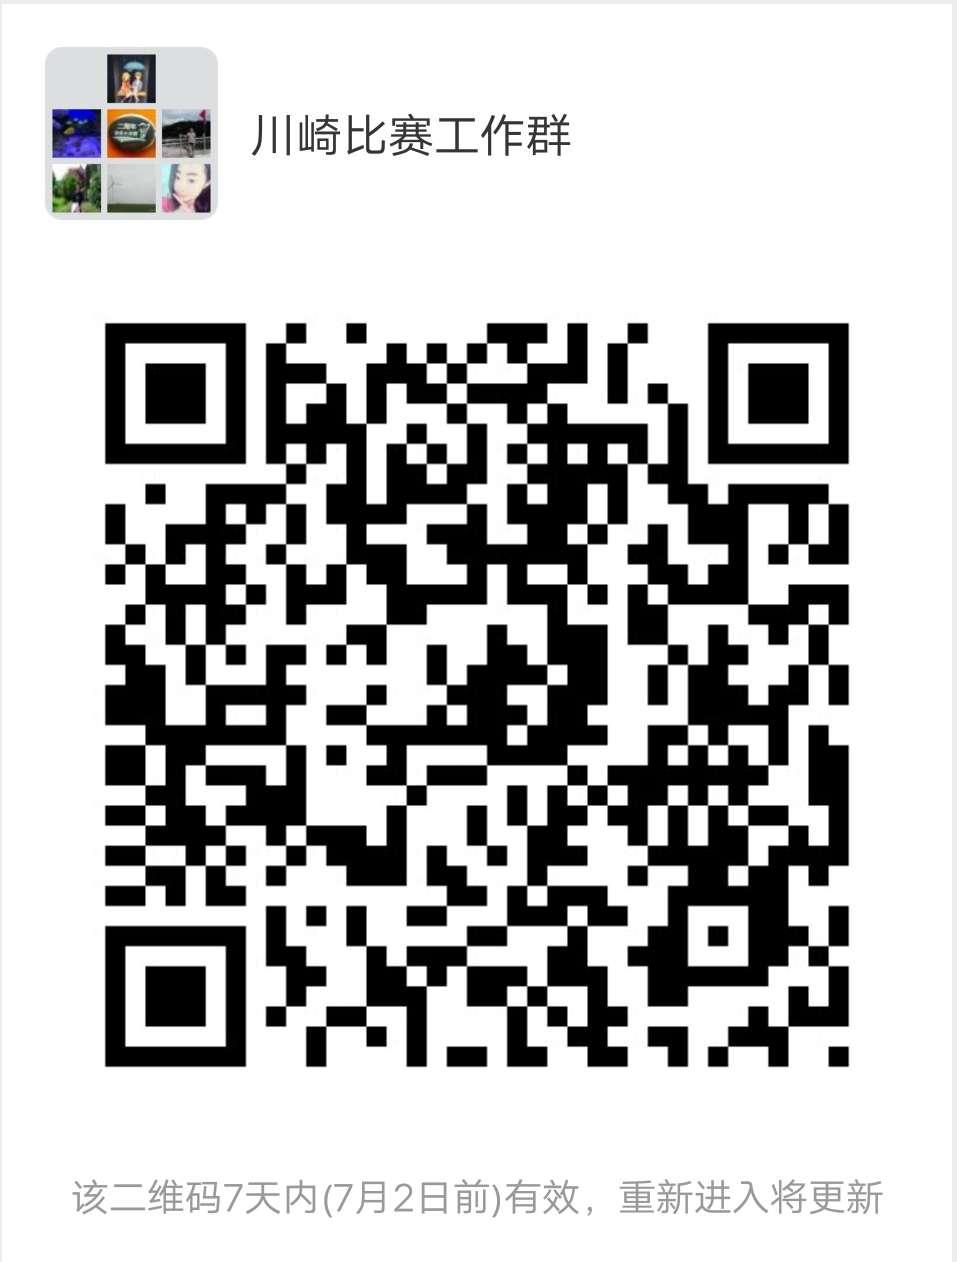 0997e515-1faf-44bc-b766-245554597594.jpg